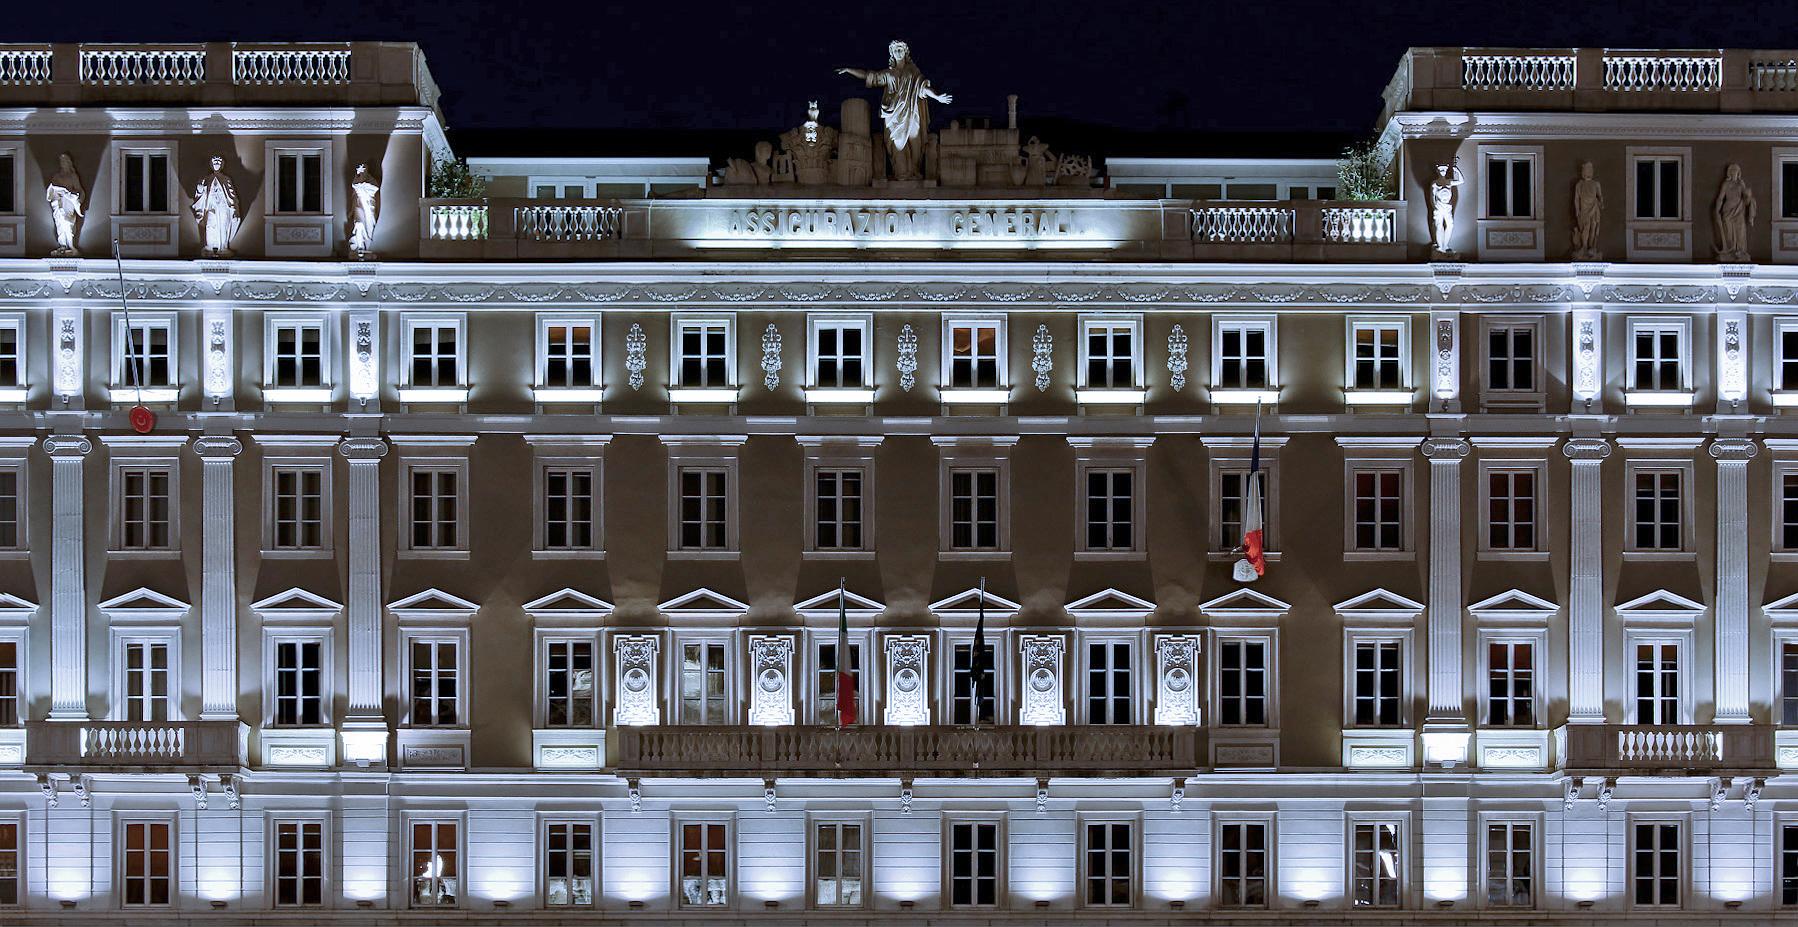 Still life? Trieste...